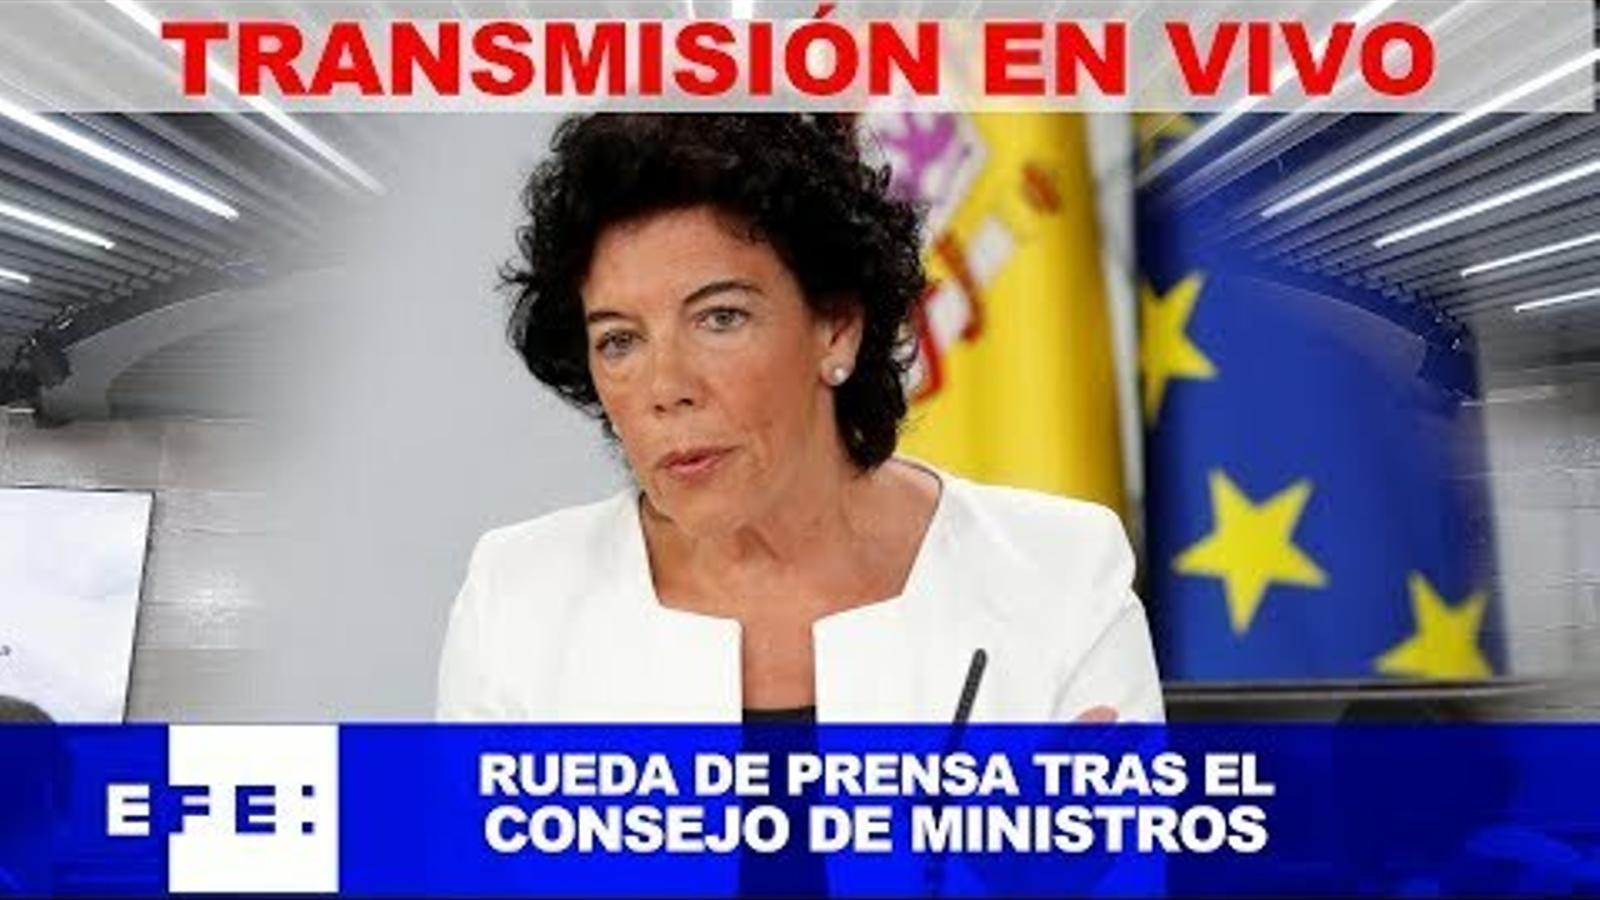 EN DIRECTE: Roda de premsa posterior al consell de ministres, marcat per la negociació del govern